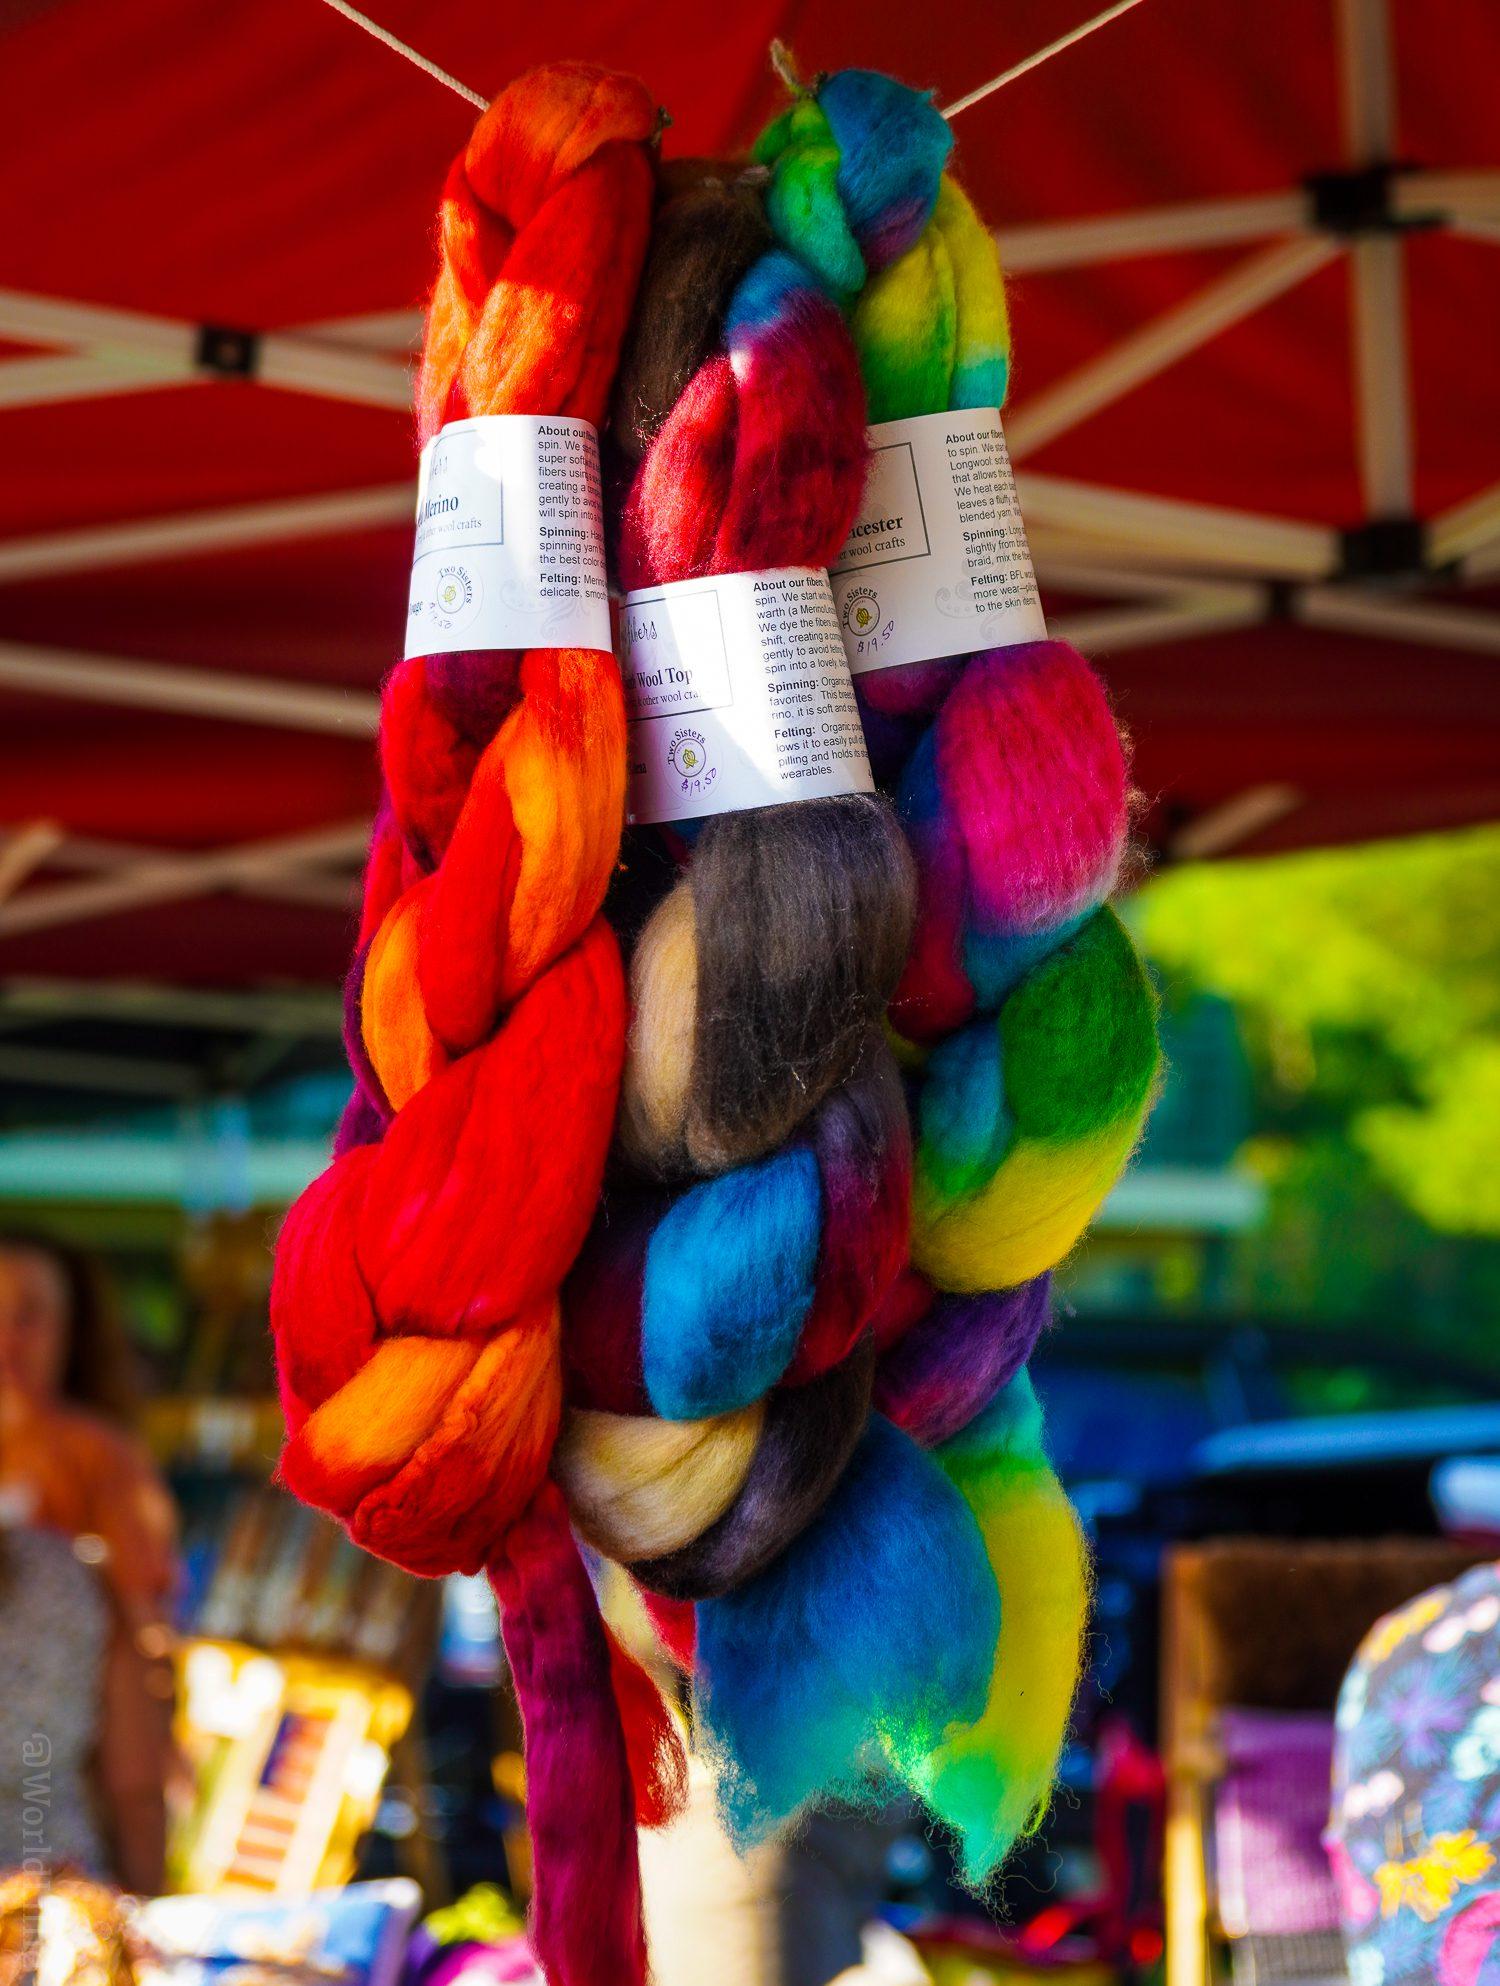 Colorful llama wool yarn at the Country Fair.